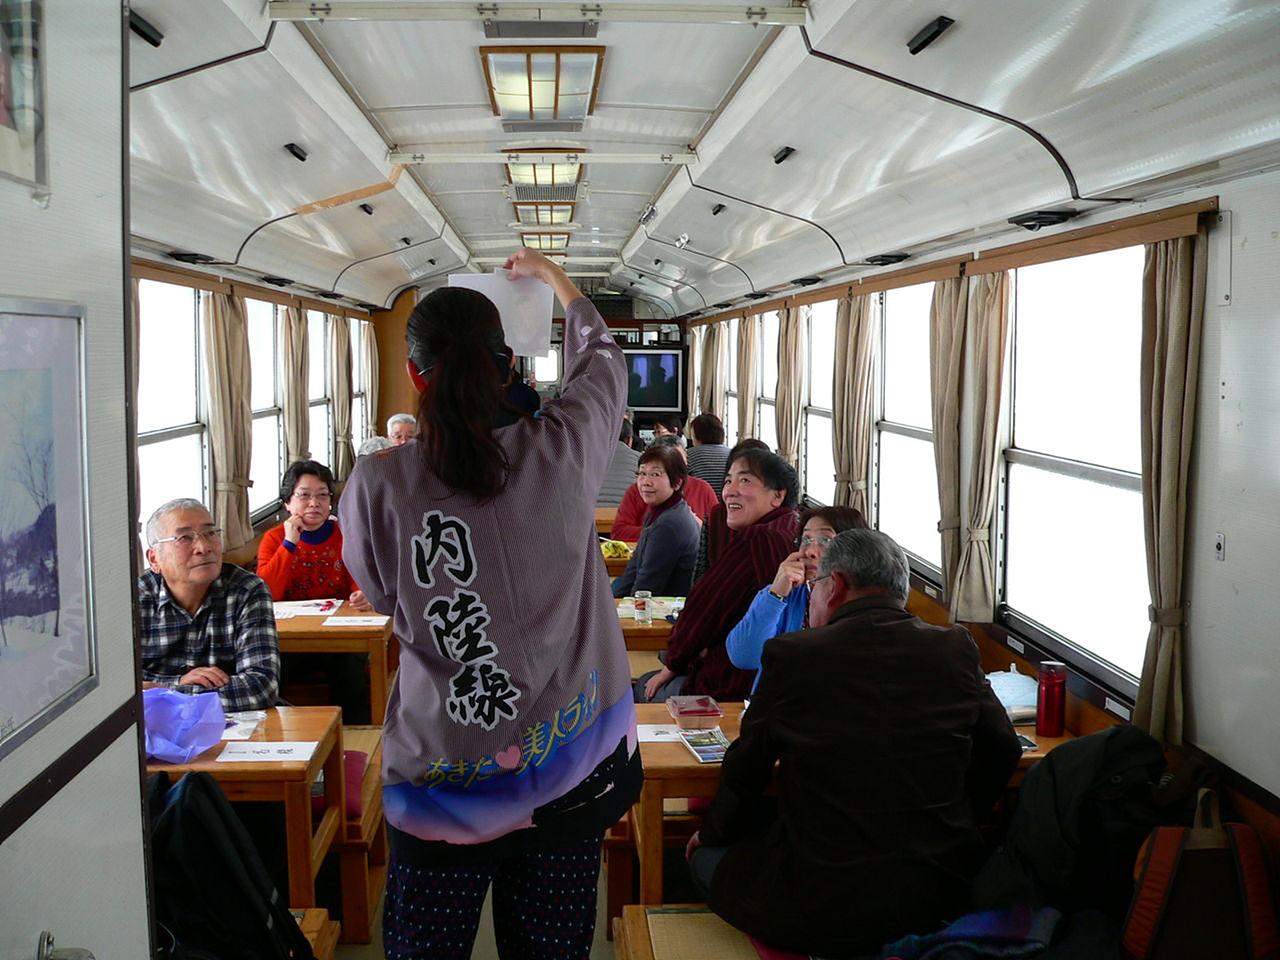 곳쓰오타마데바코열차 아키타내륙종관철도의 특별 이벤트 열차 곳쓰오타마데바코열차